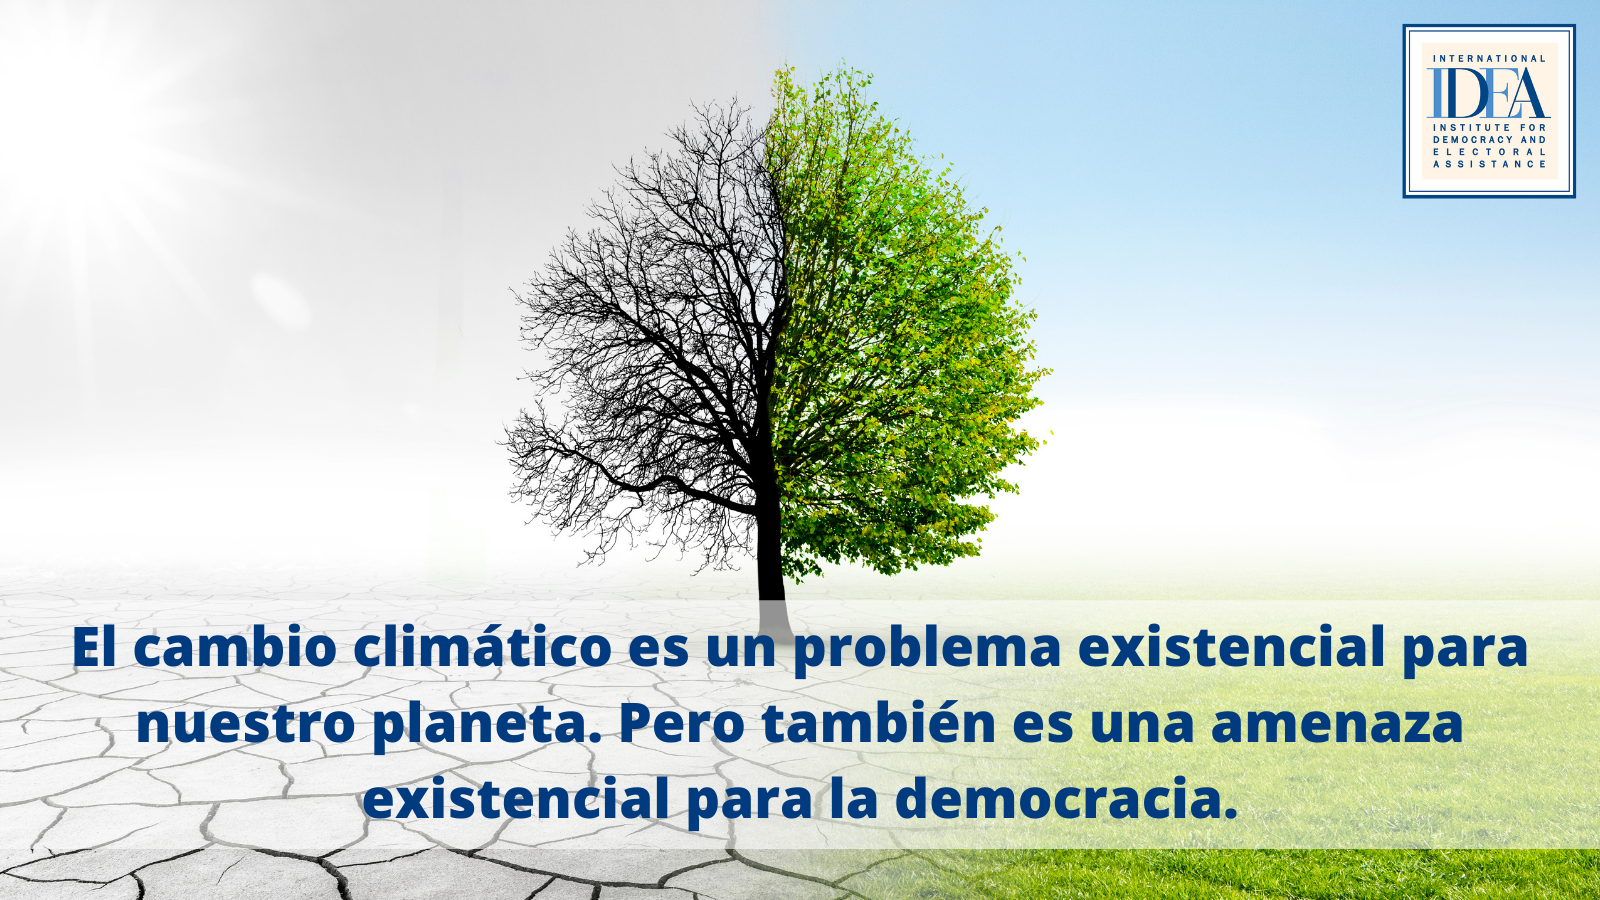 Cambio climático y democracia simbolizados en un árbol verde y gris